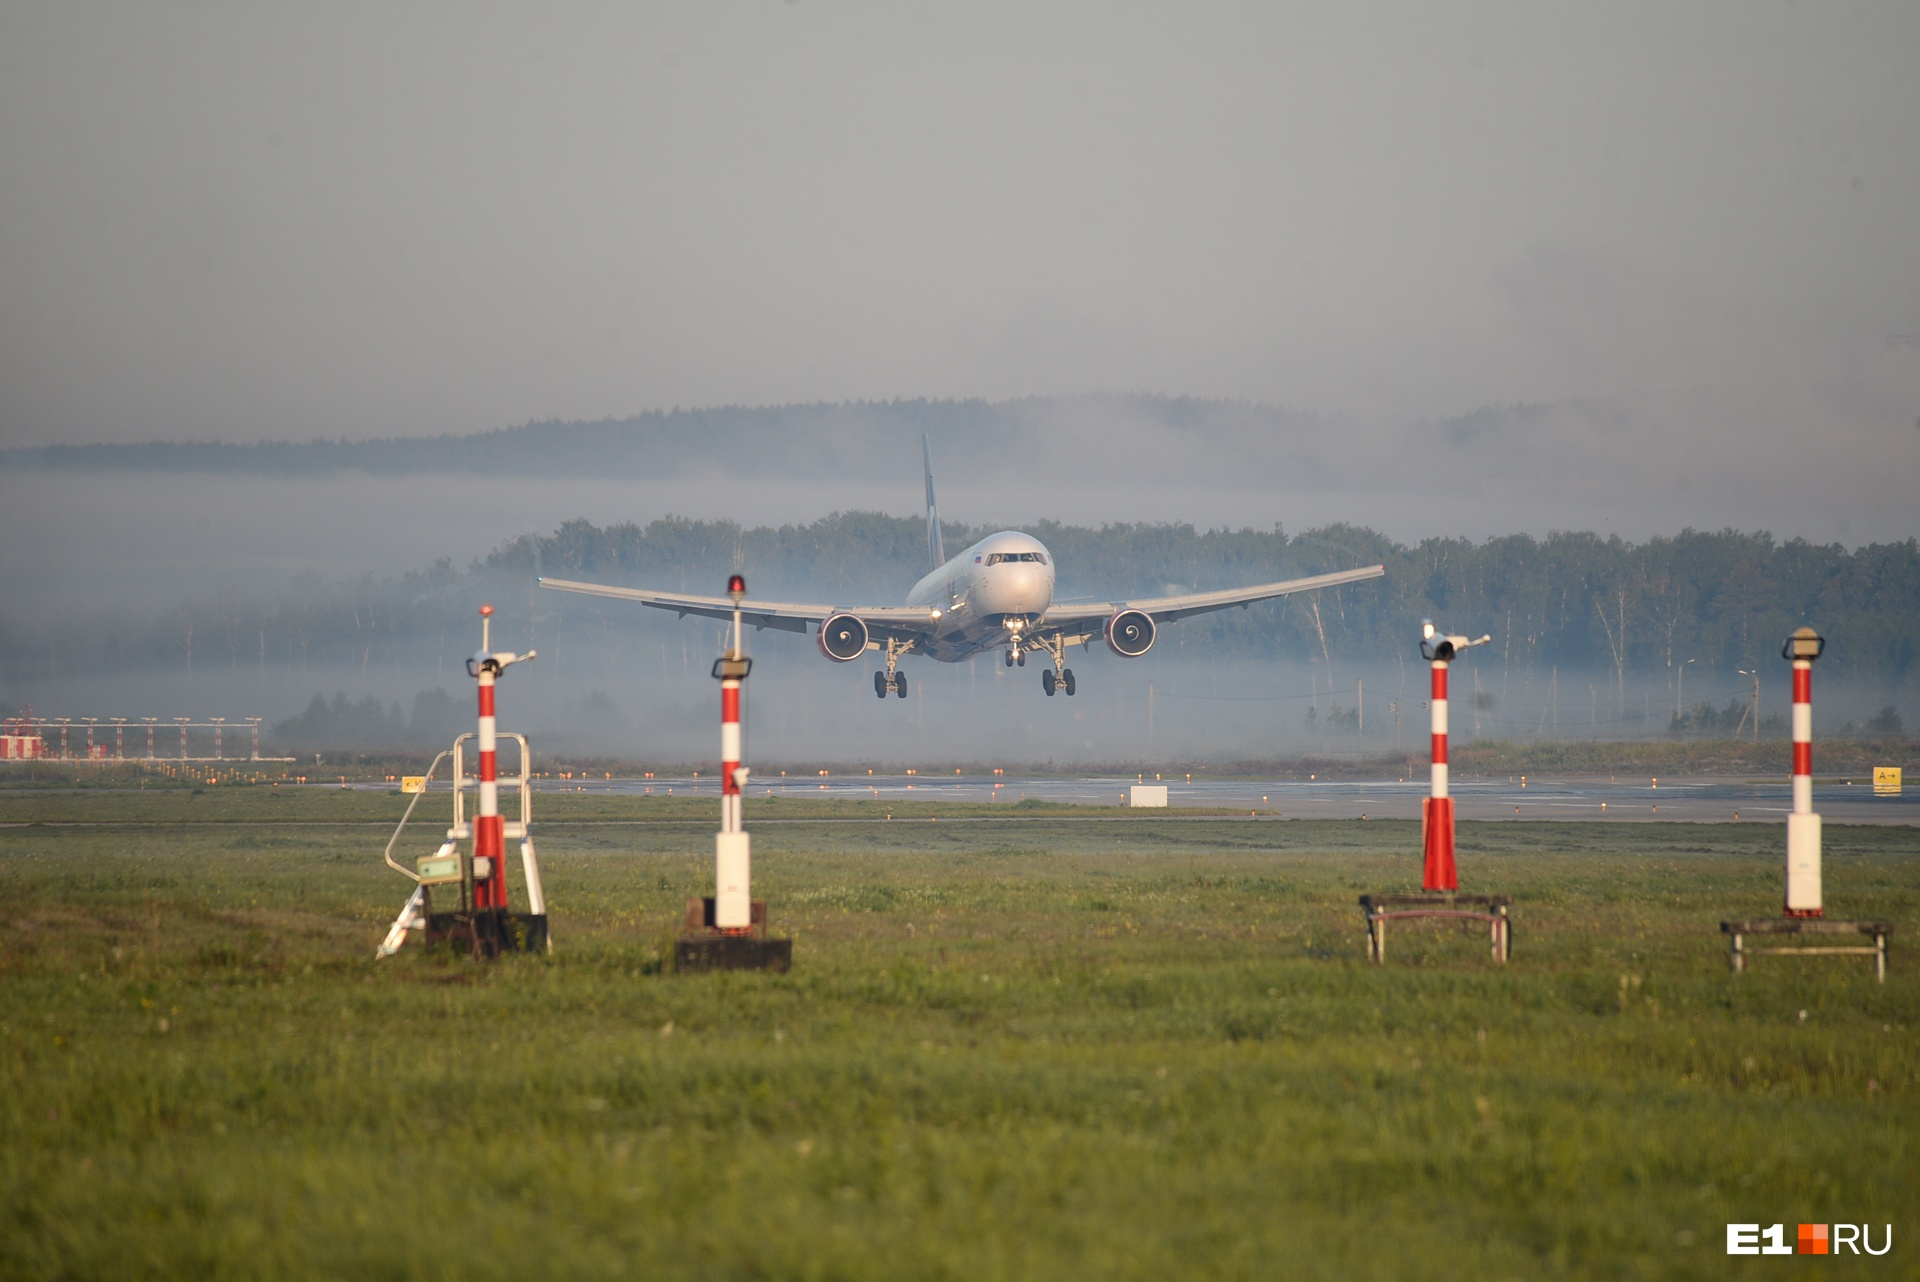 Лететь регулярным рейсом из Москвы решатся туристы, которые выбирают отдых премиум-класса. На такой путевке стоимость билета сильно не скажется